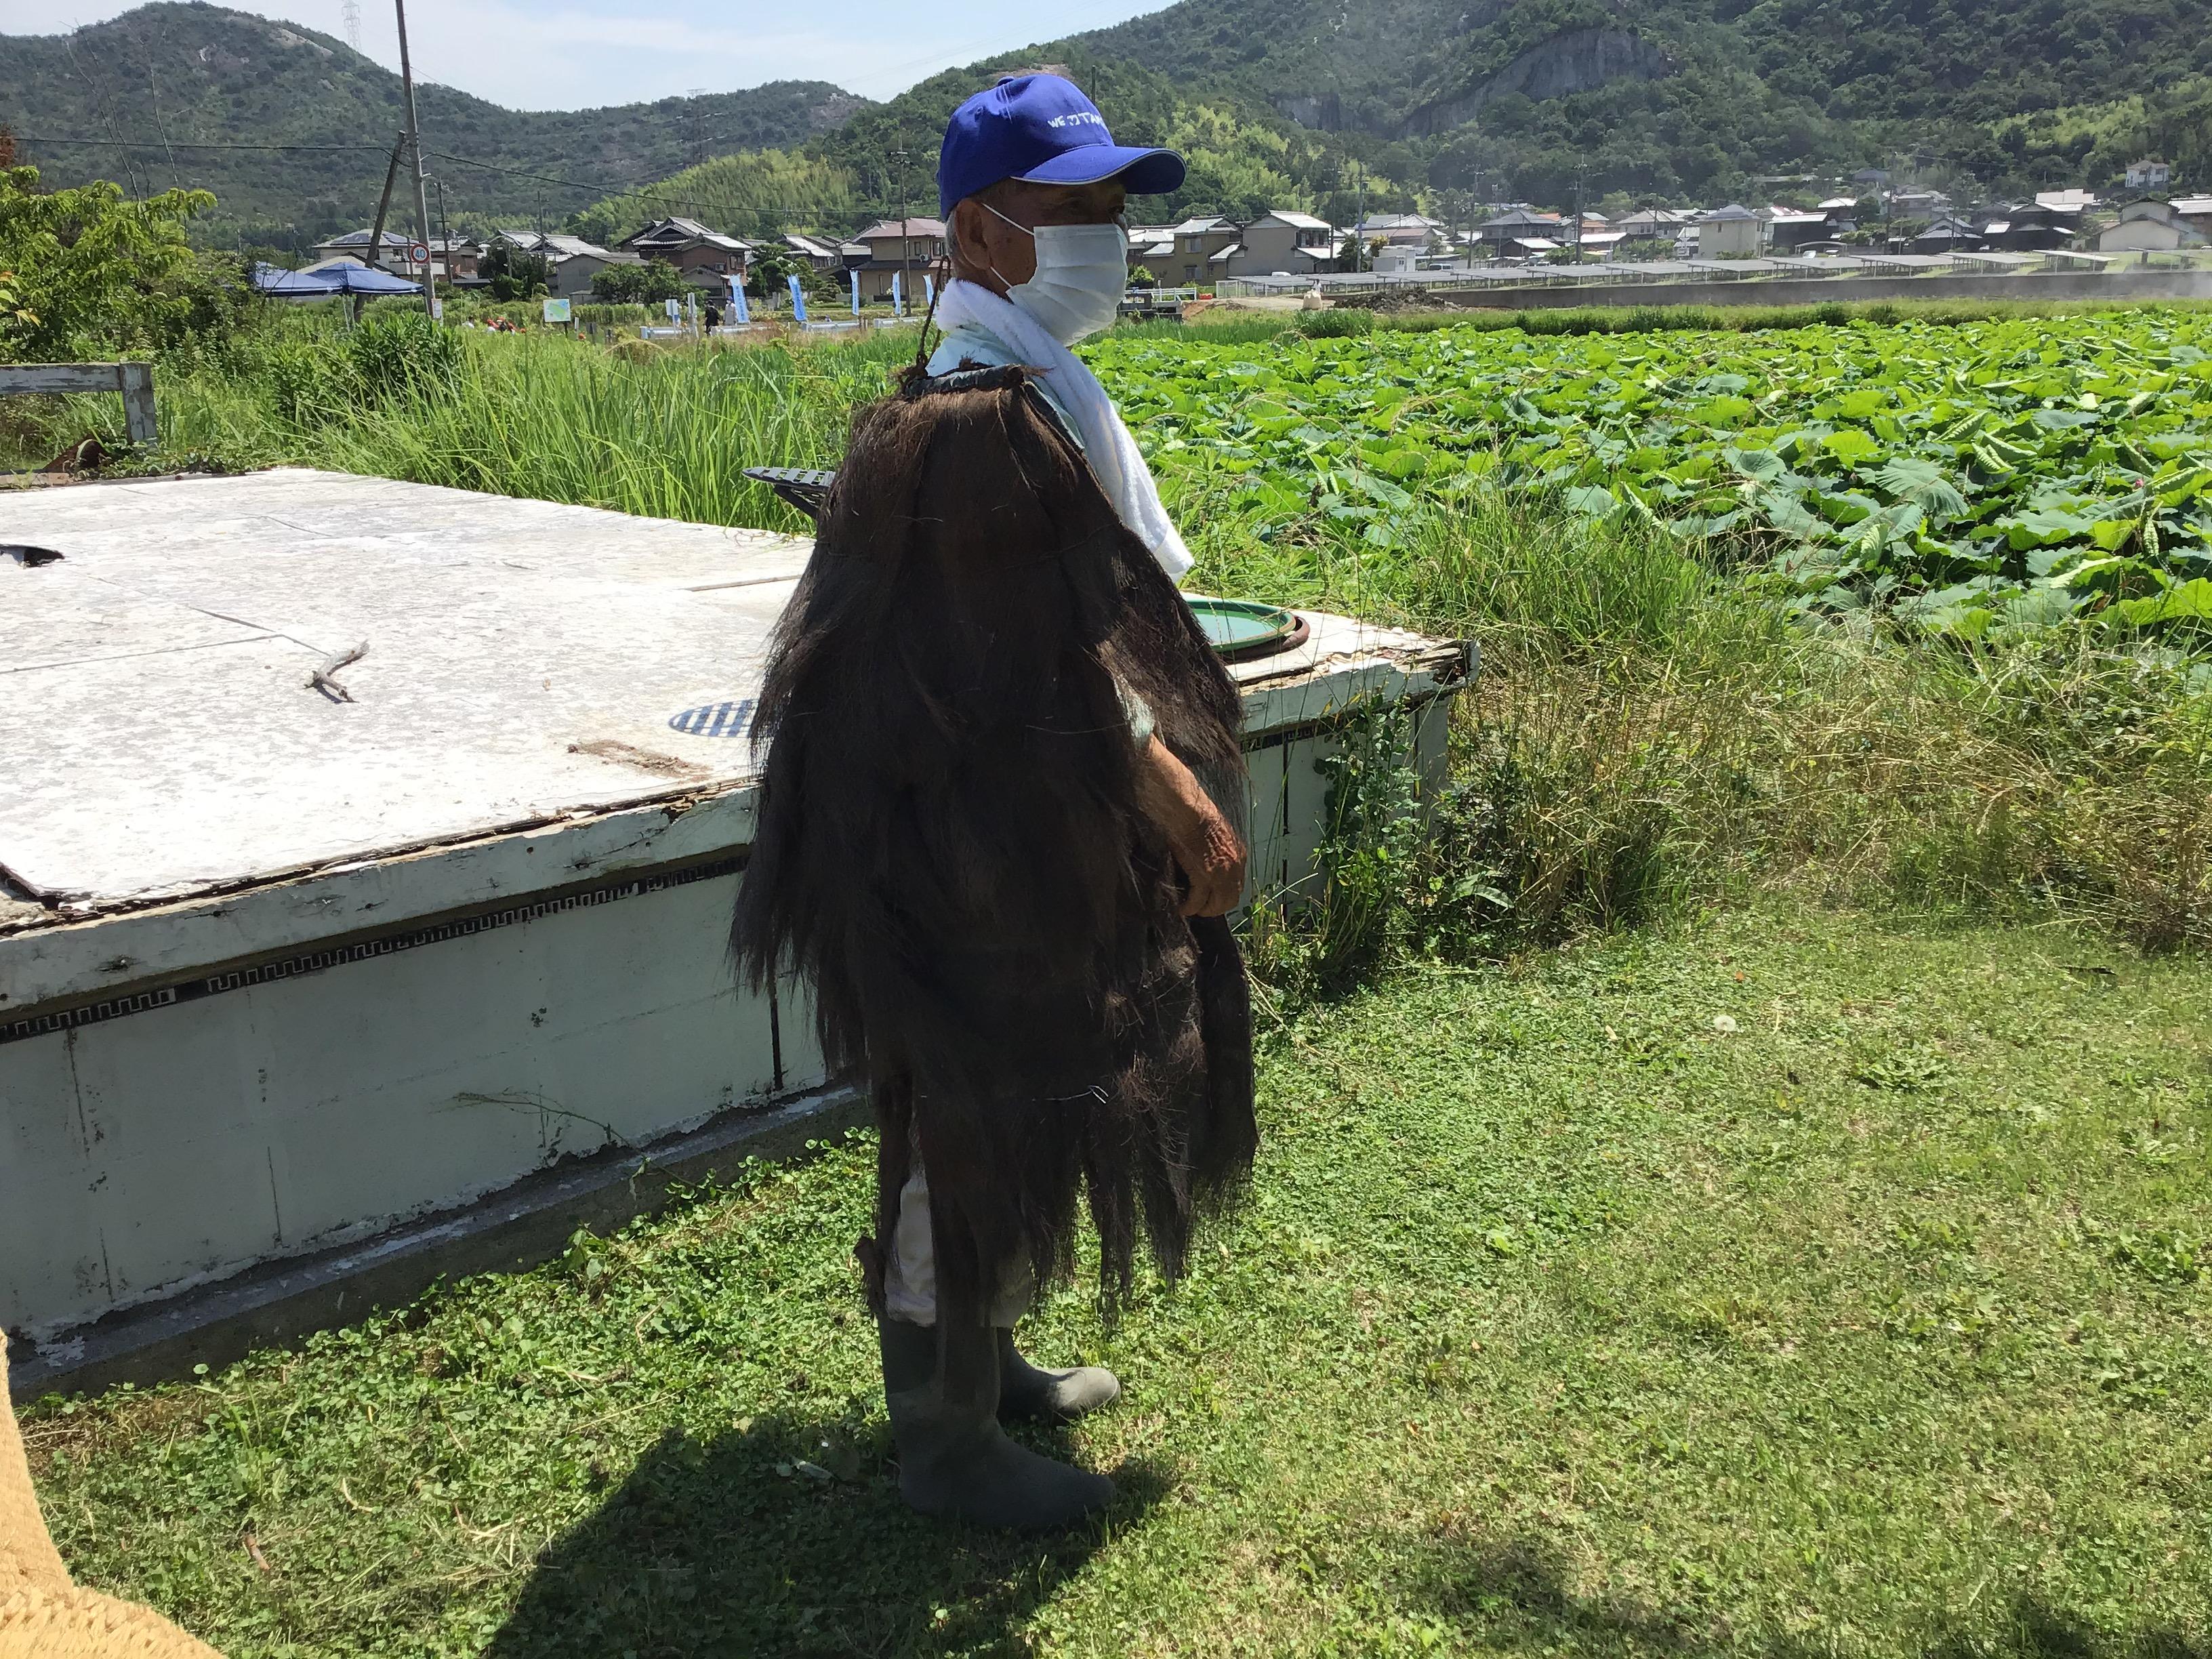 南池ため池協議会の砂川清二さん。なんとこんなのが残っていたんだ。シュロ(ヤシ科の植物)の雨合羽。流石にこれを知っている人は珍しい。なんか見覚えが? ゲゲゲの鬼太郎のキャラクターに「子泣きじじい」ってのが。すみません。どうしても記載したくて。